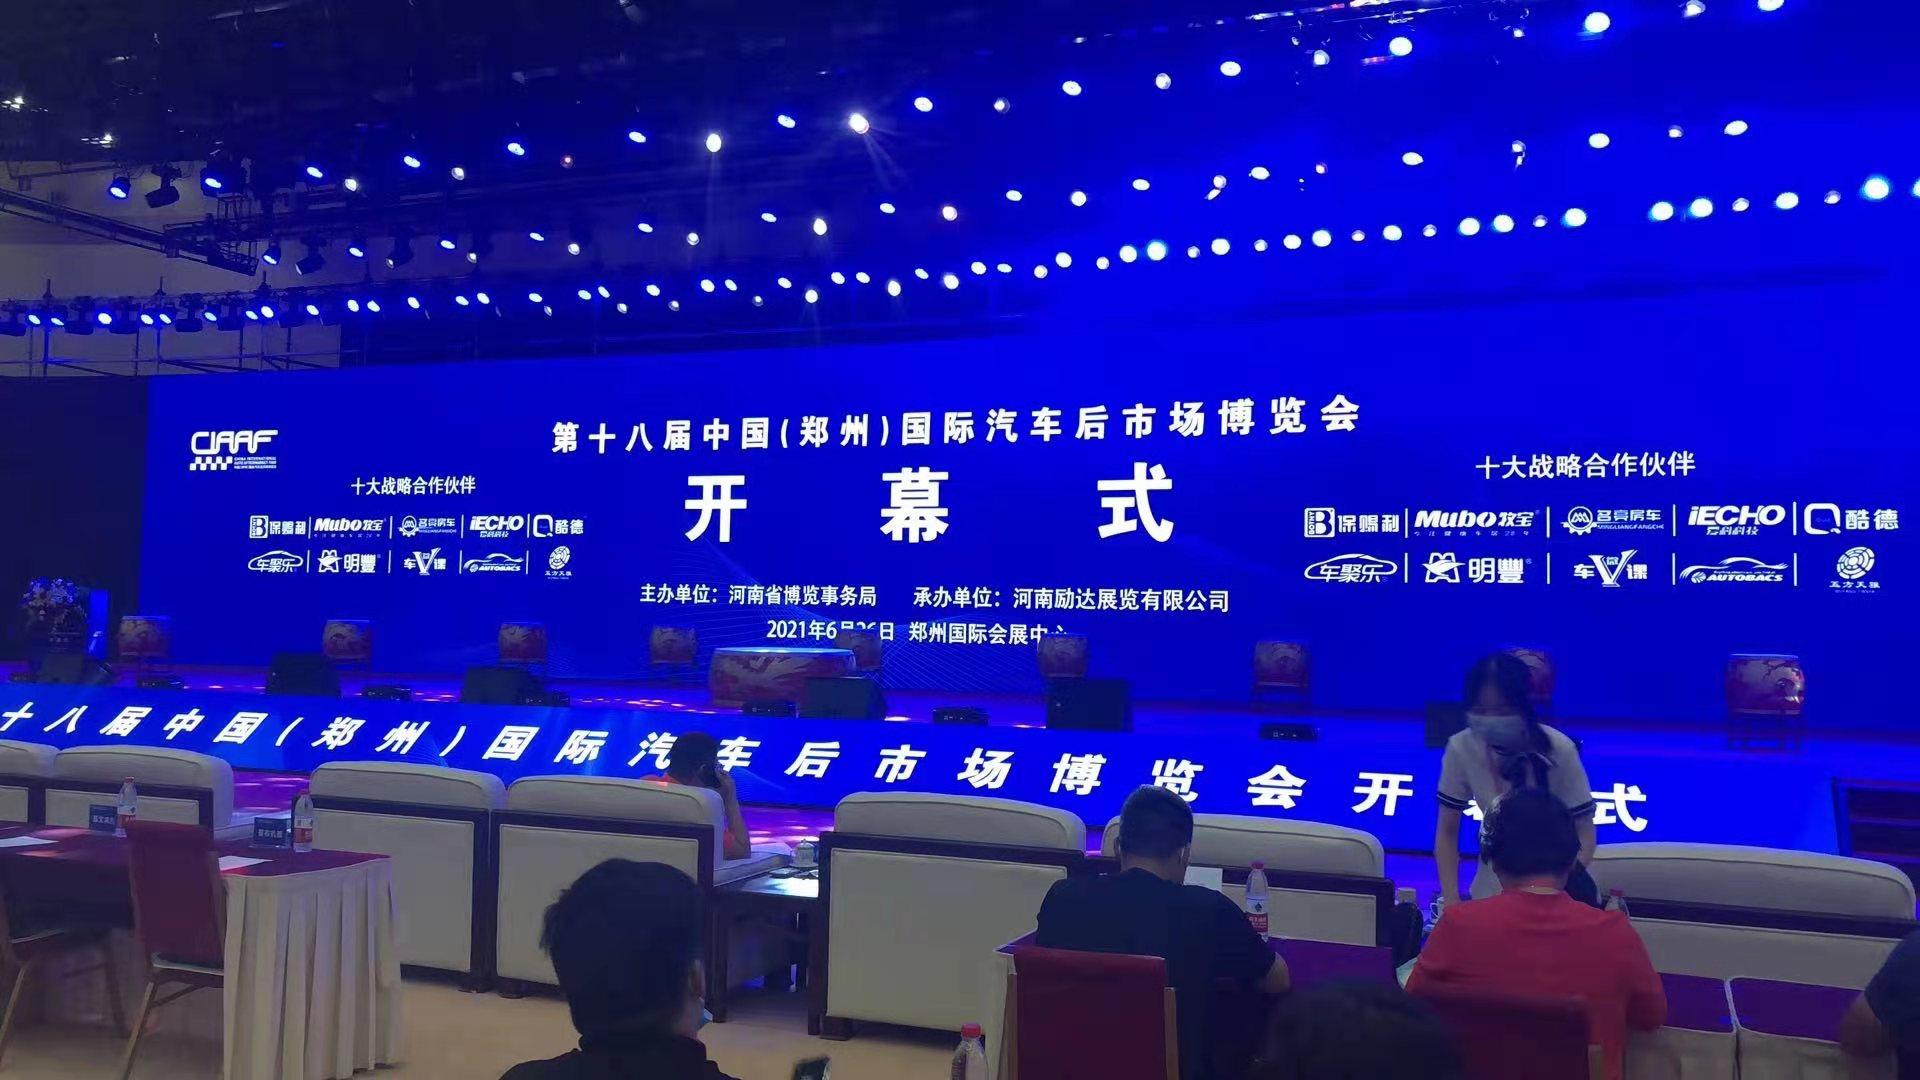 6月26日第18届中国(郑州)国际汽车后市场博览会在郑州召开